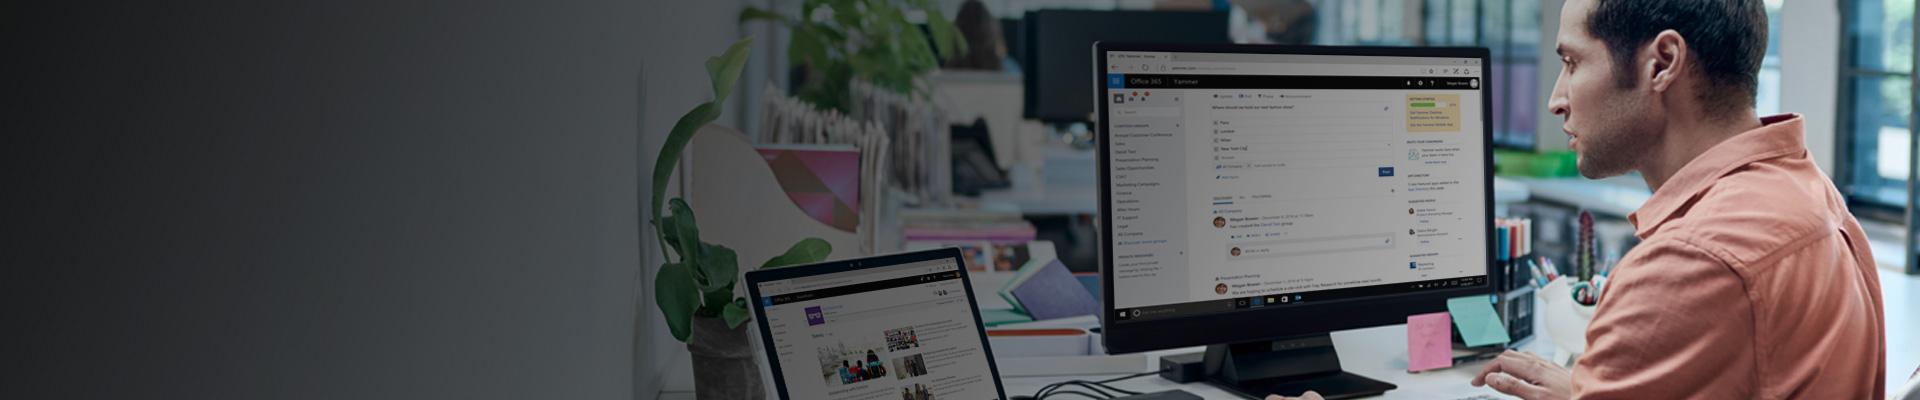 SharePoint が実行されているデスクトップ モニターを見ている男性と、後ろにある別のモニターに表示された Yammer